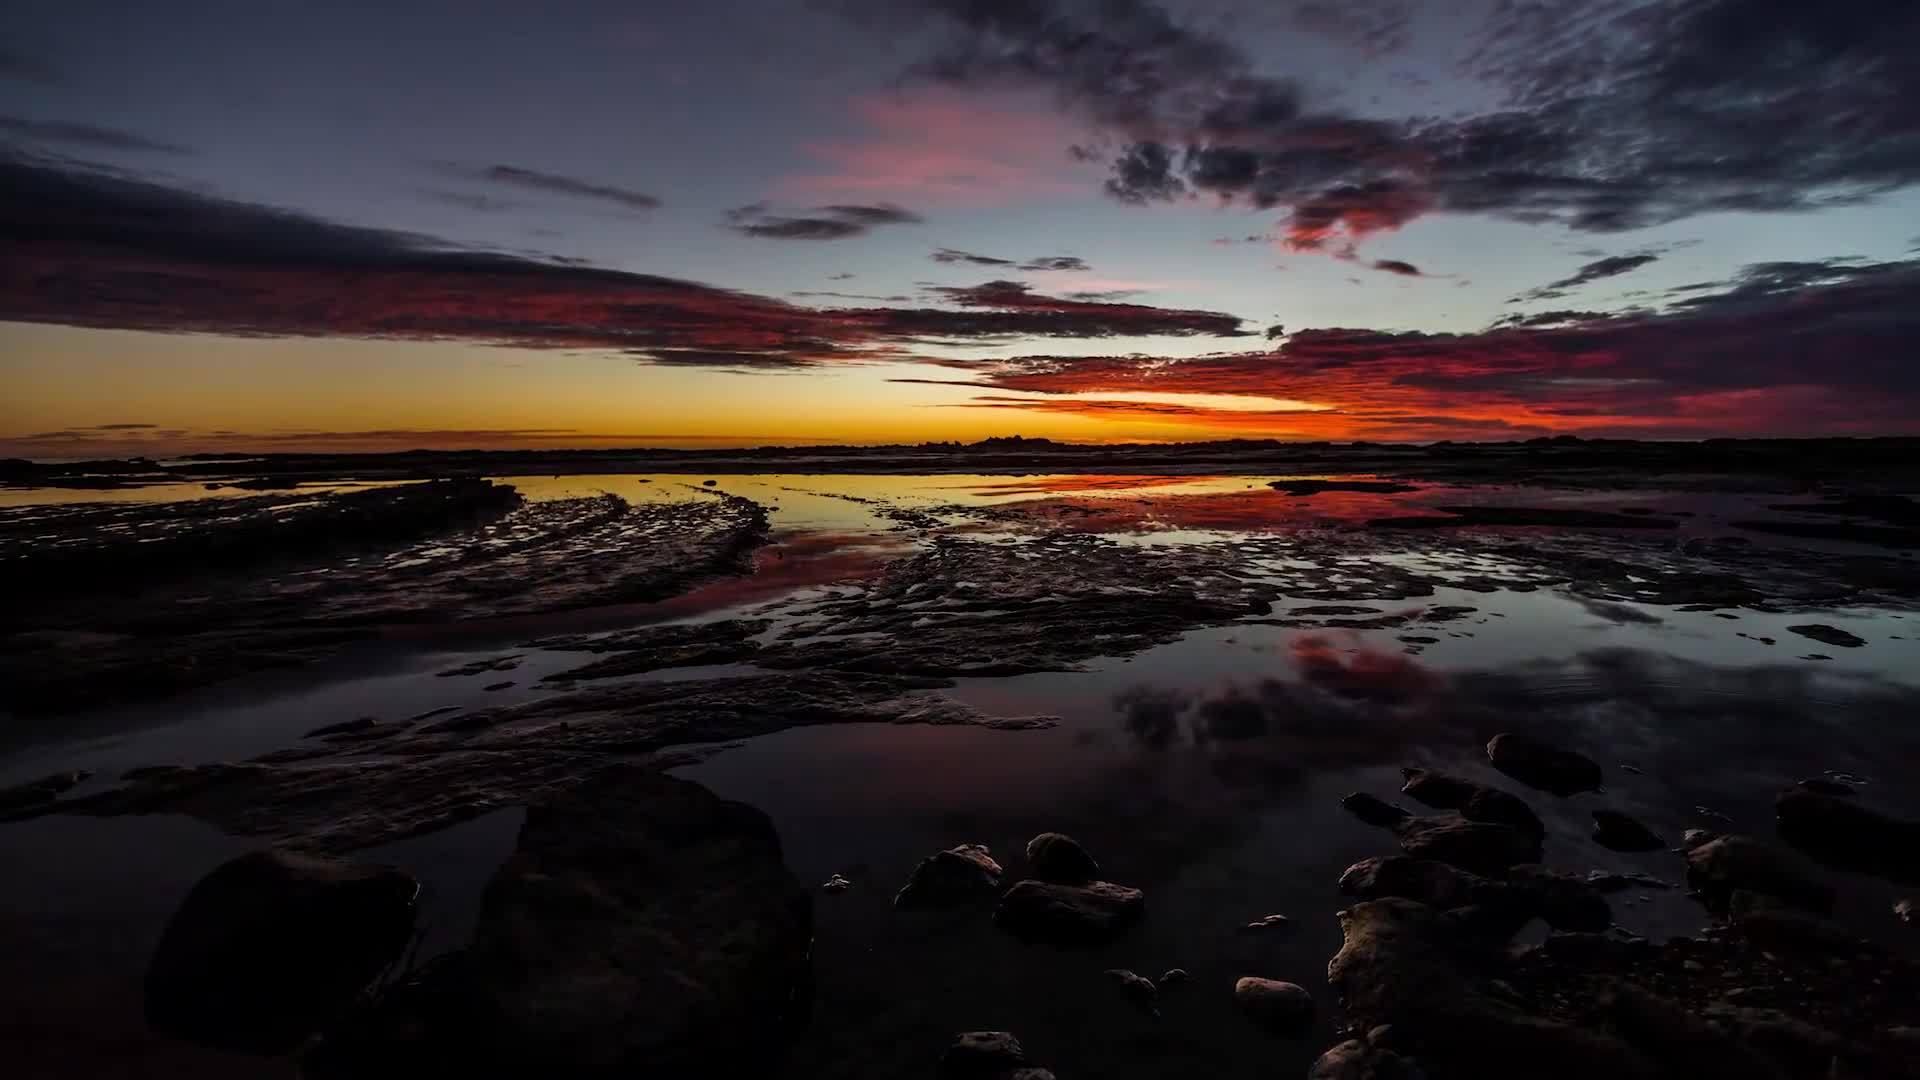 WeatherGifs, earthgifs, gifs, Magical New Zealand GIFs